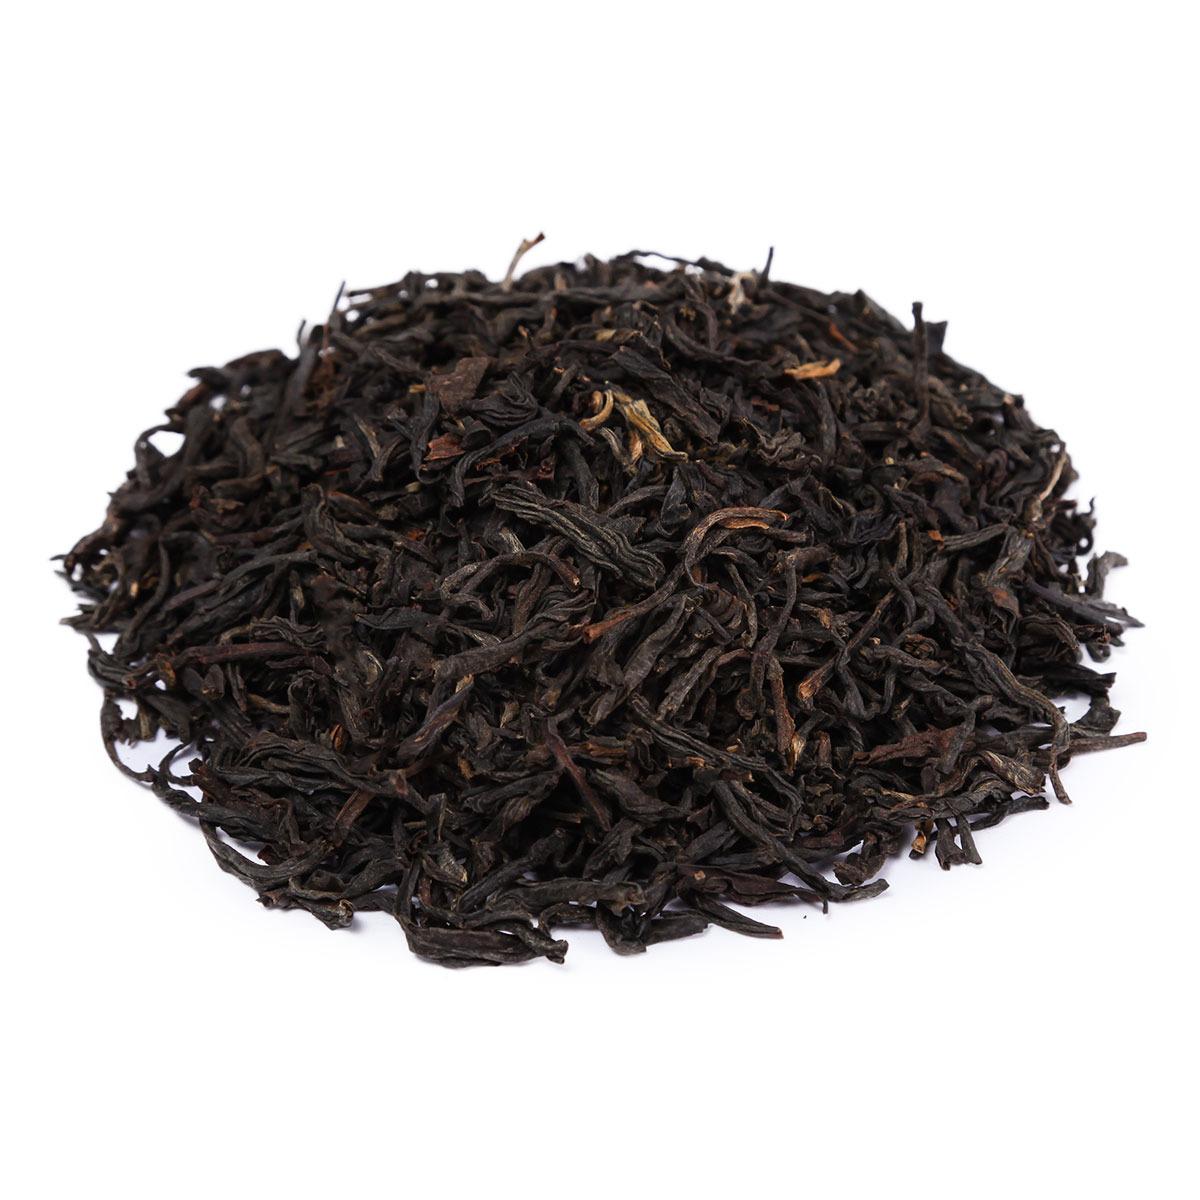 Чай листовой Первая Чайная Компания Дянь Хун, 3 сорт, красный, 100 г типсовый дянь хун op